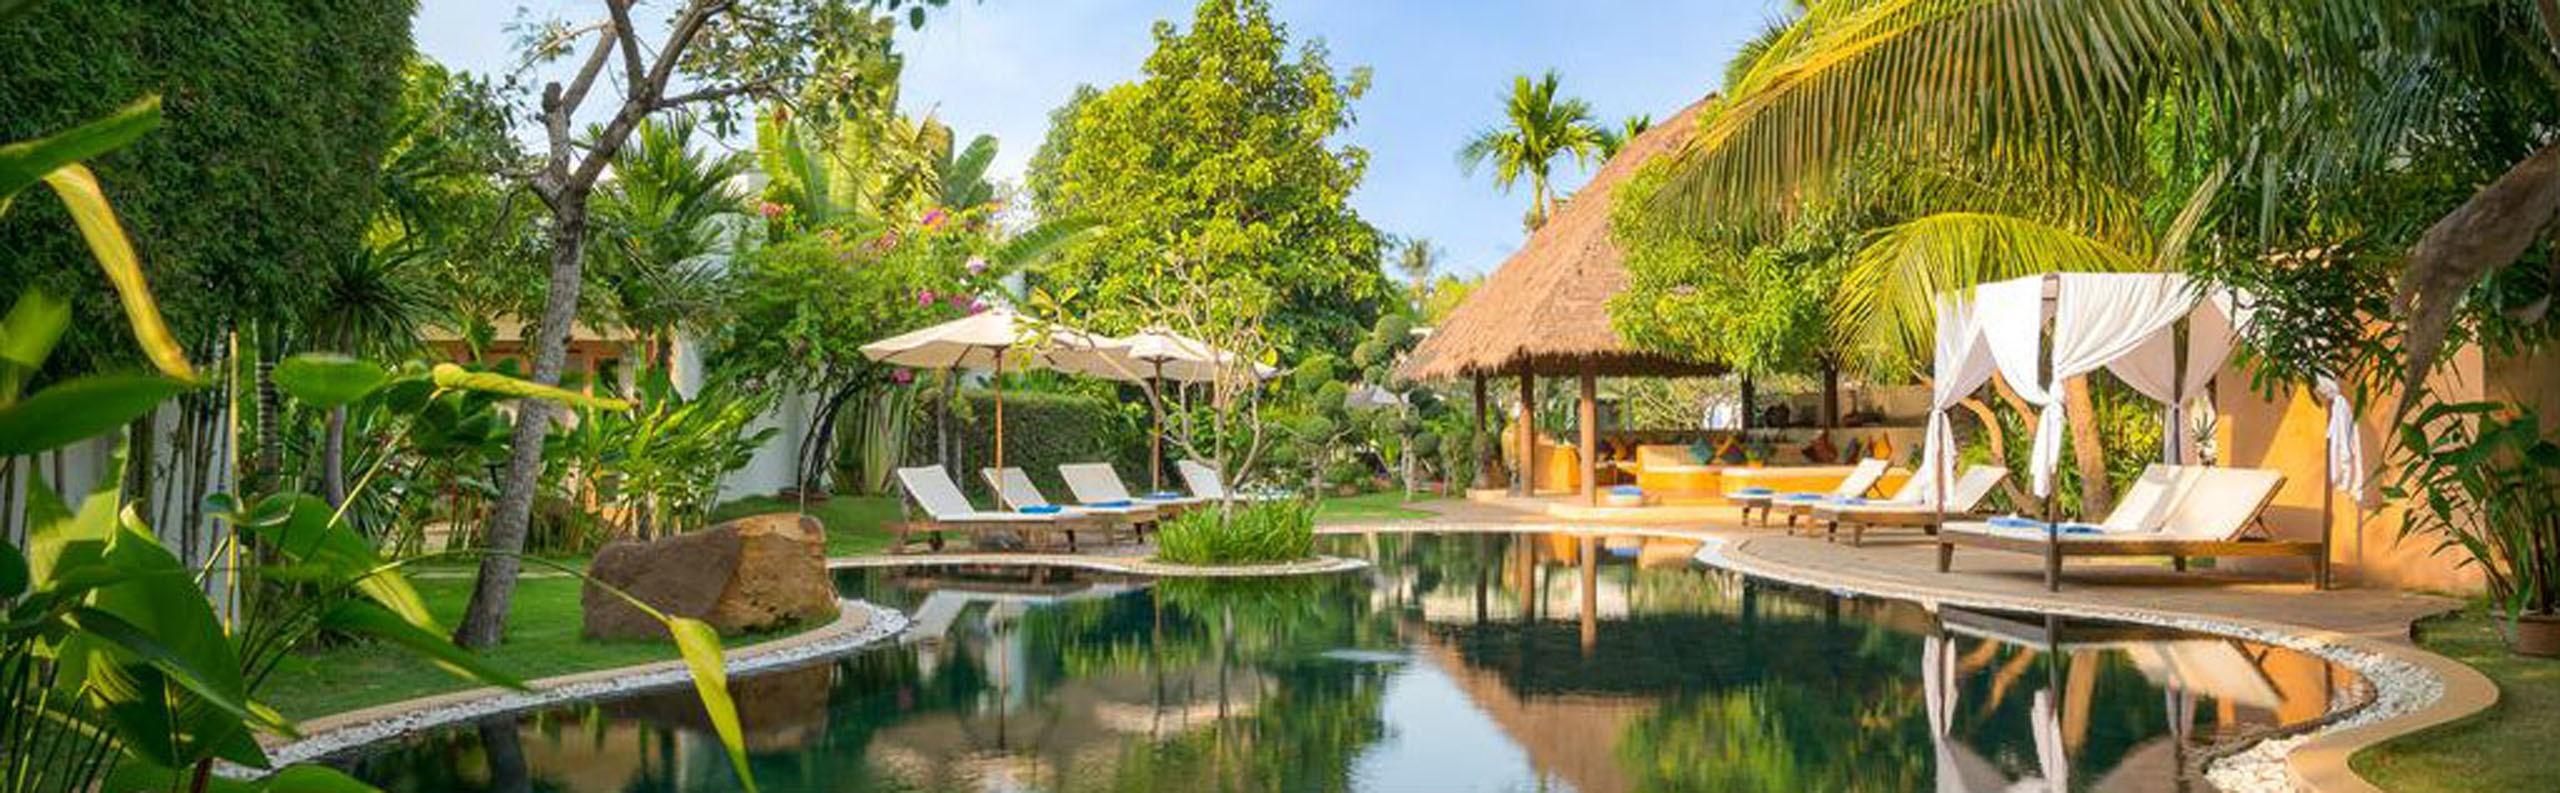 Top Hotels in Cambodia